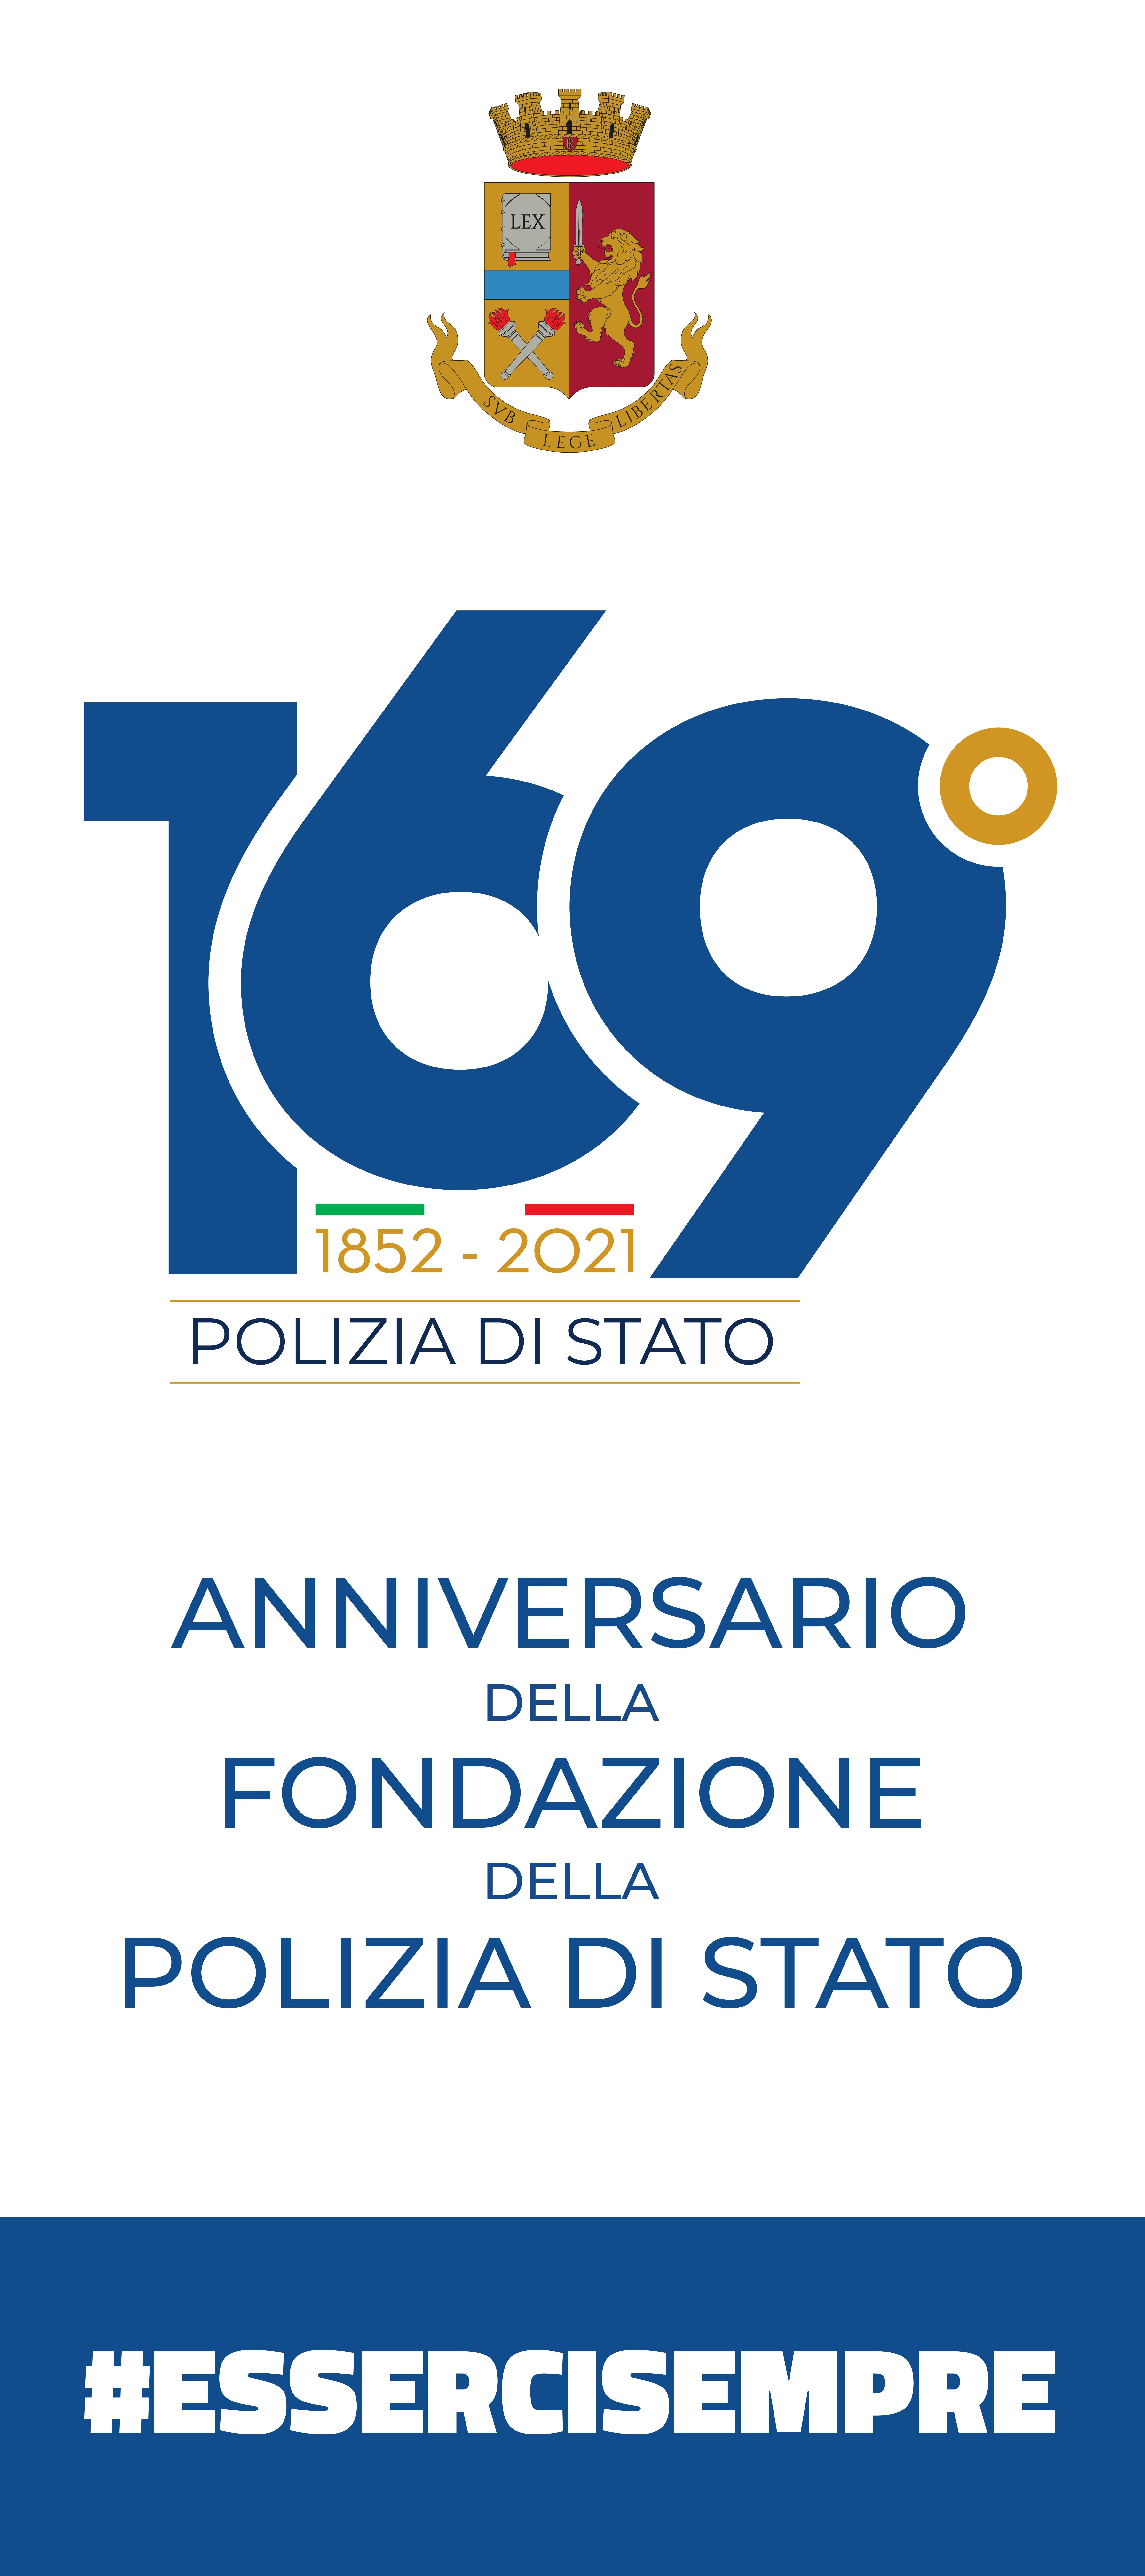 Polizia Di Stato Questure Sul Web Piacenza